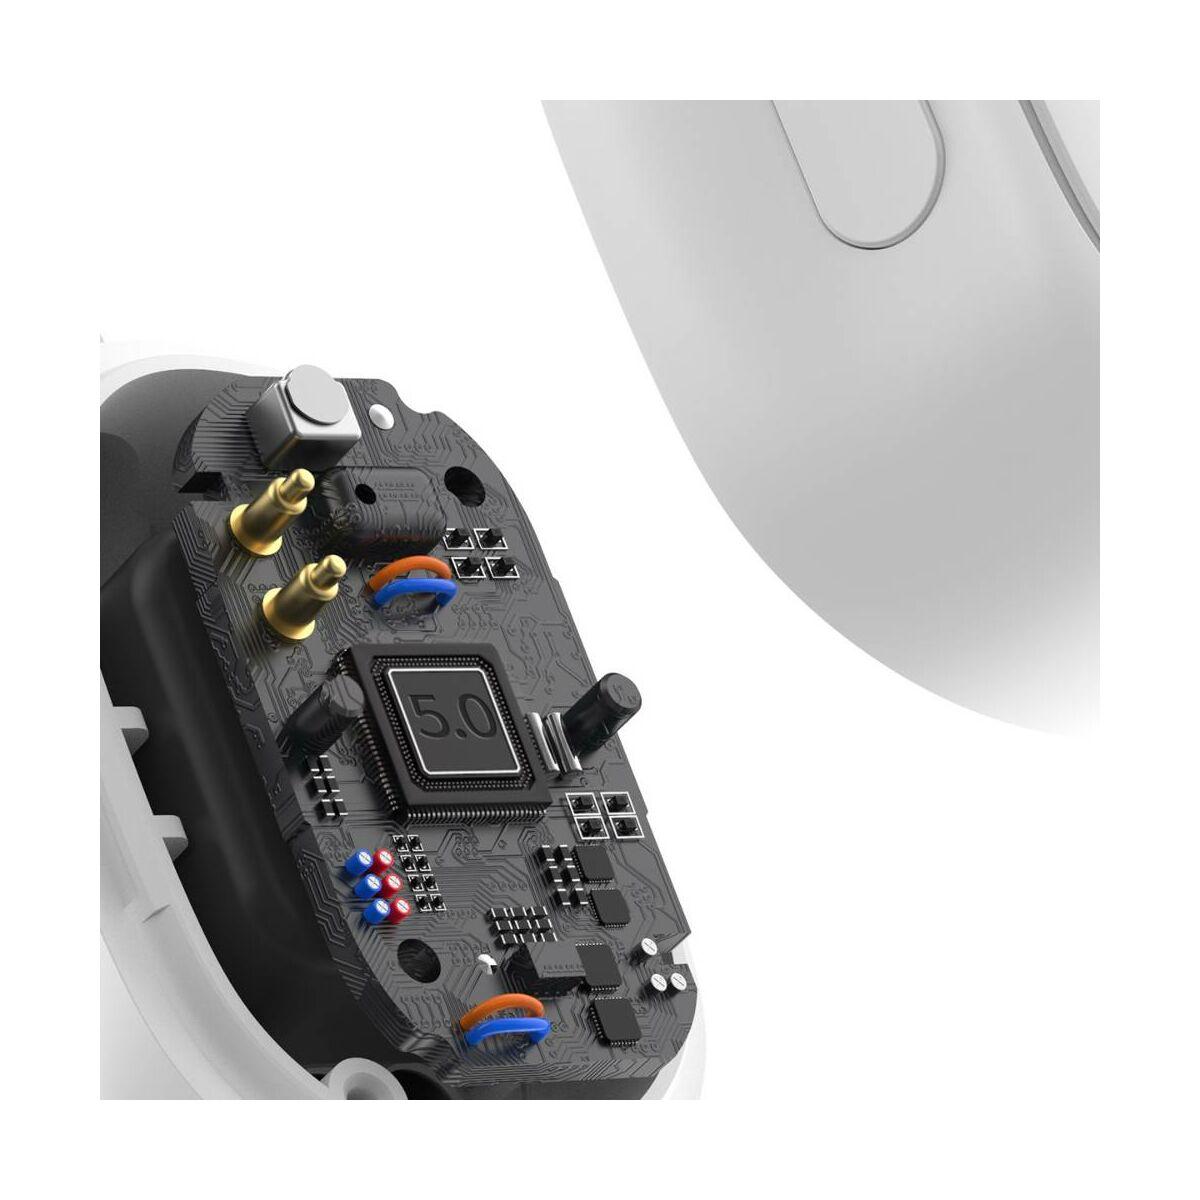 Baseus fülhallgató, Bluetooth Encok WM01 True Wireless, vezeték nélküli, BT 5.0 TWS, akár 10m kommunikációs távolság, fehér (NGWM01P-02)